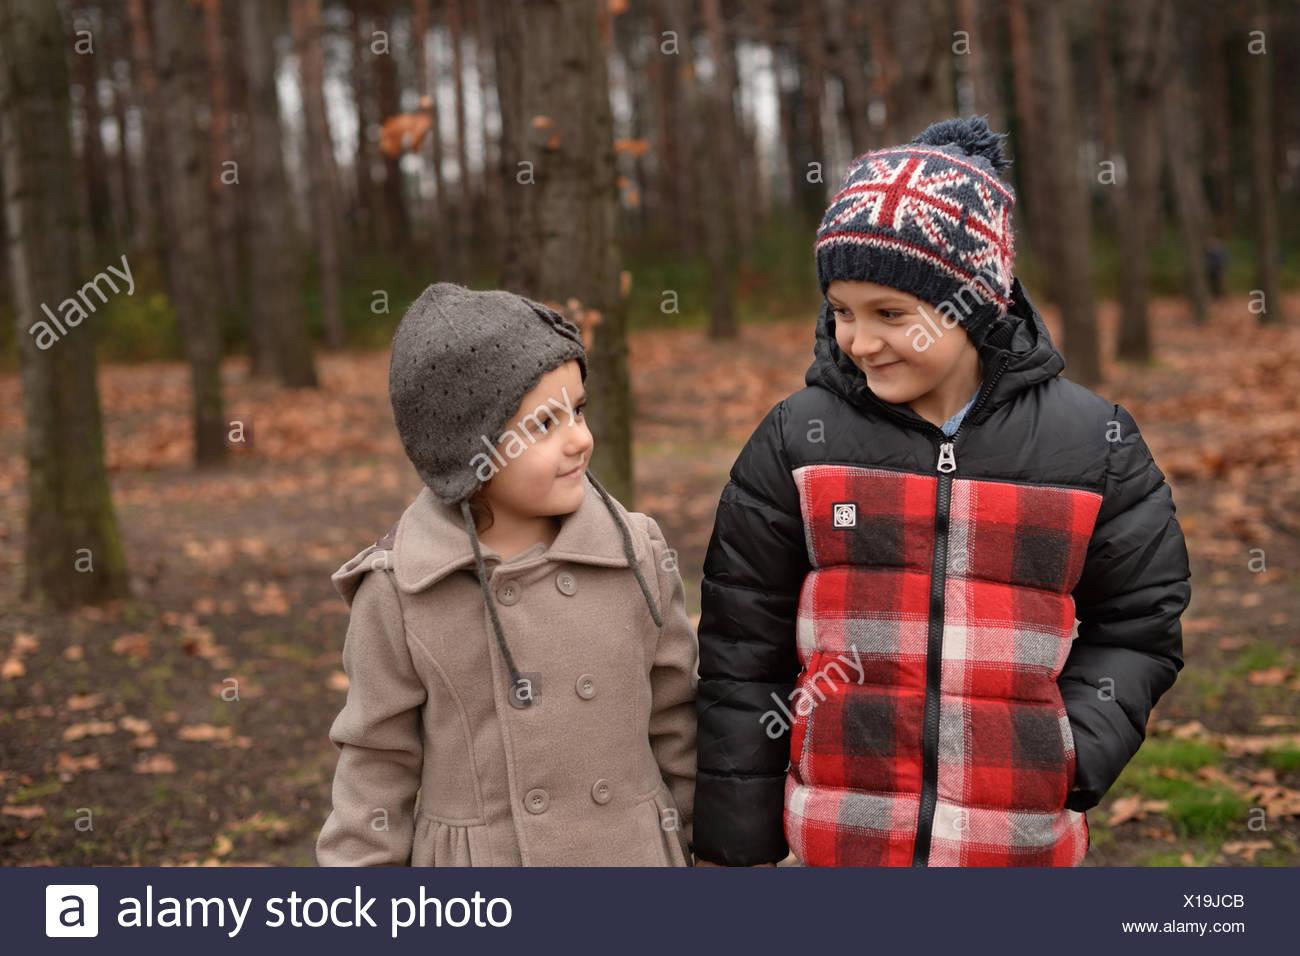 Hermano y hermana (6-7) (4-5) caminando en el bosque Imagen De Stock